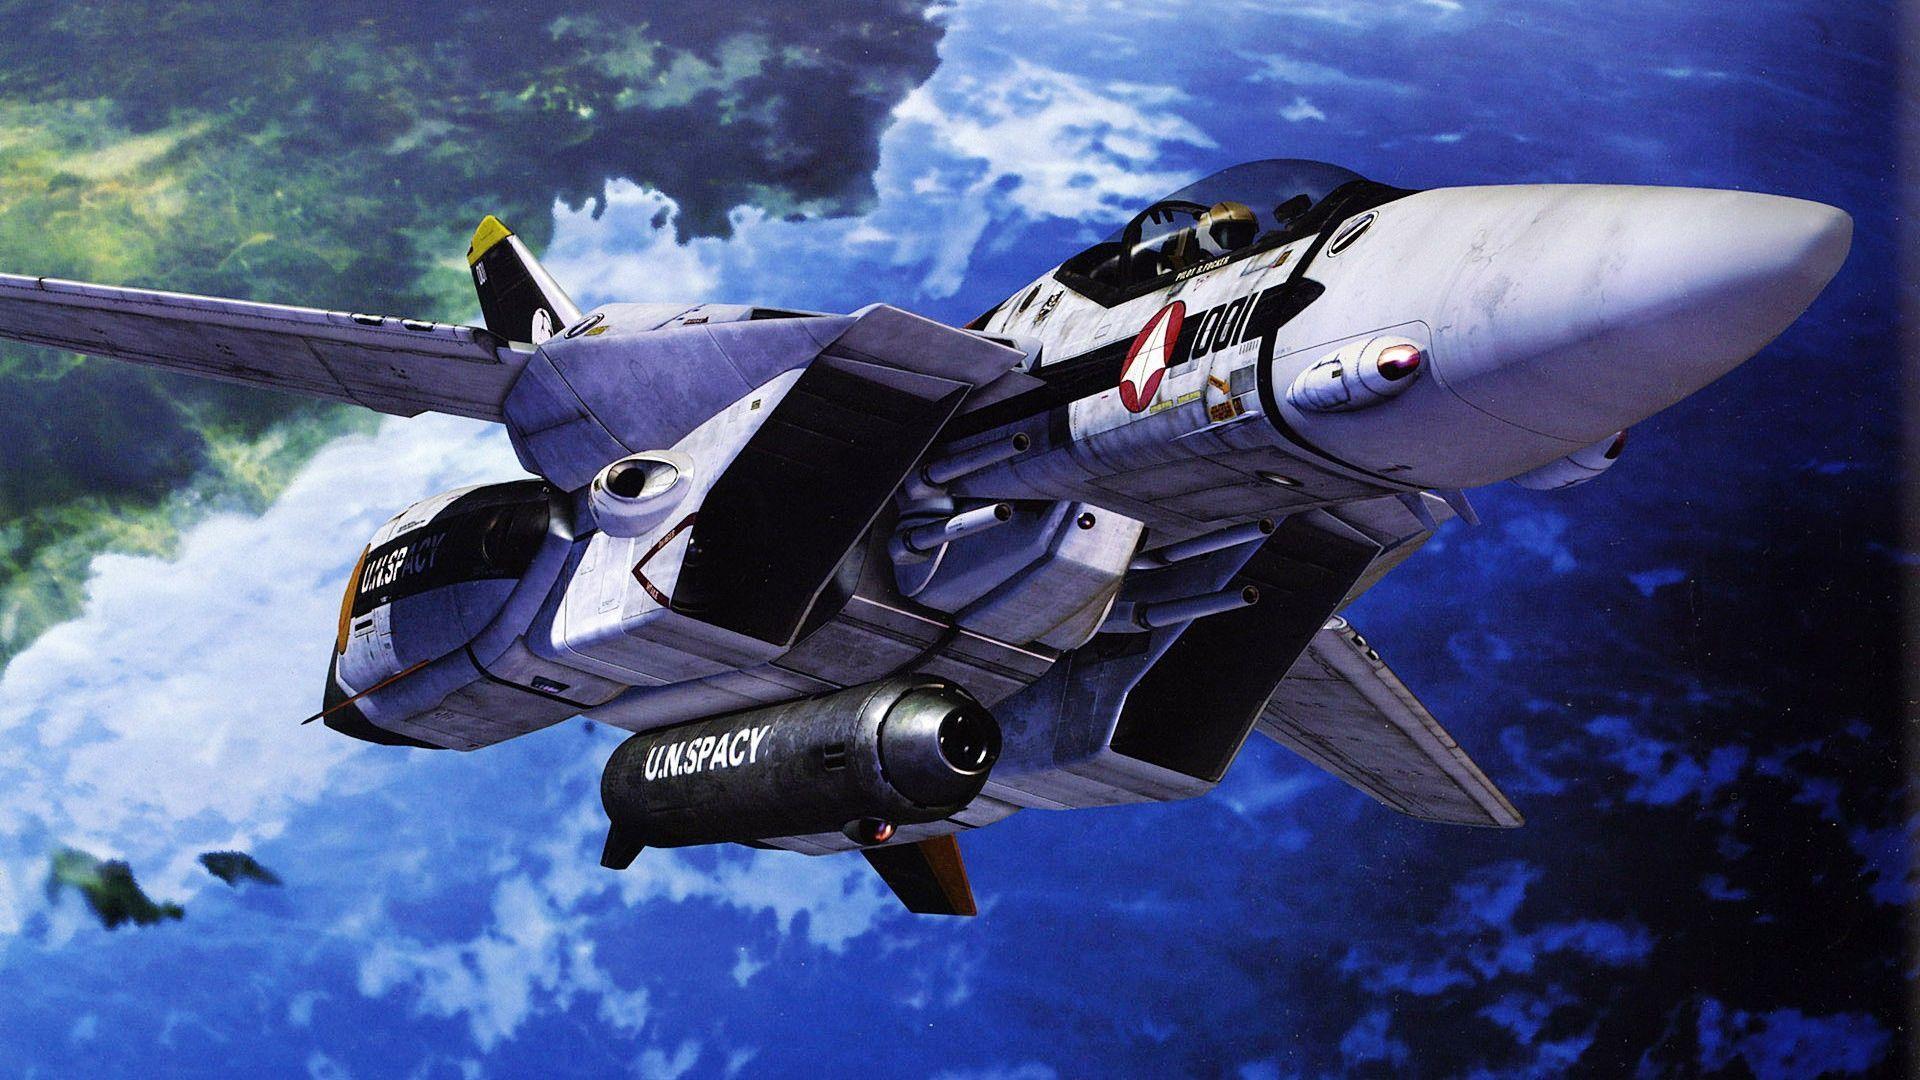 Fighter Jet Desktop Wallpapers